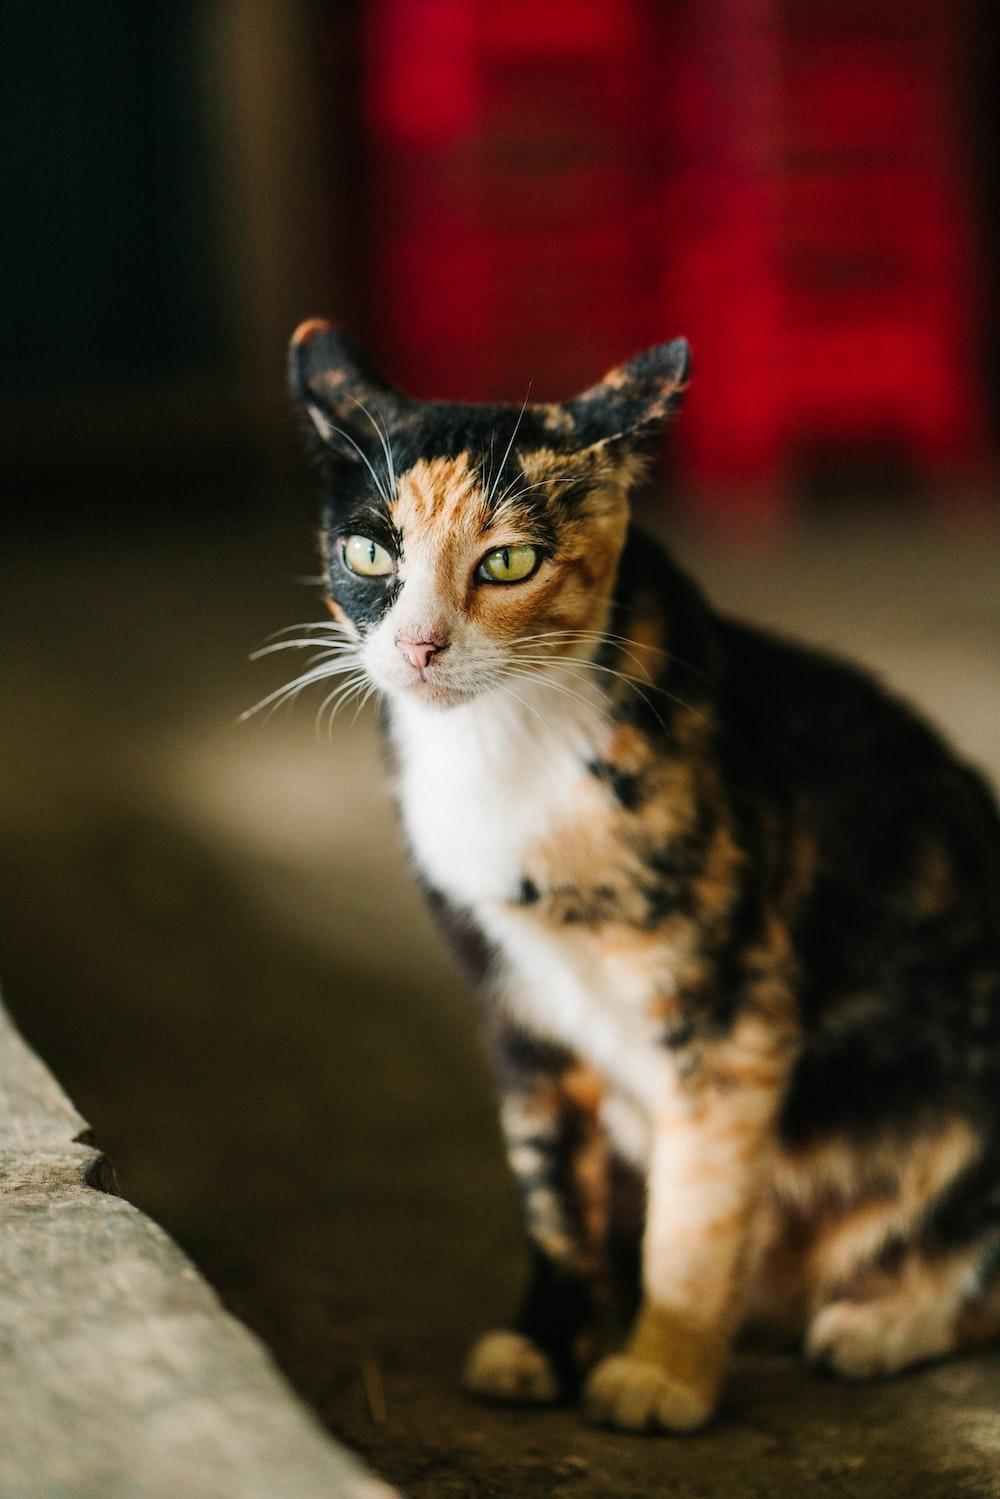 closeup photo of calico cat